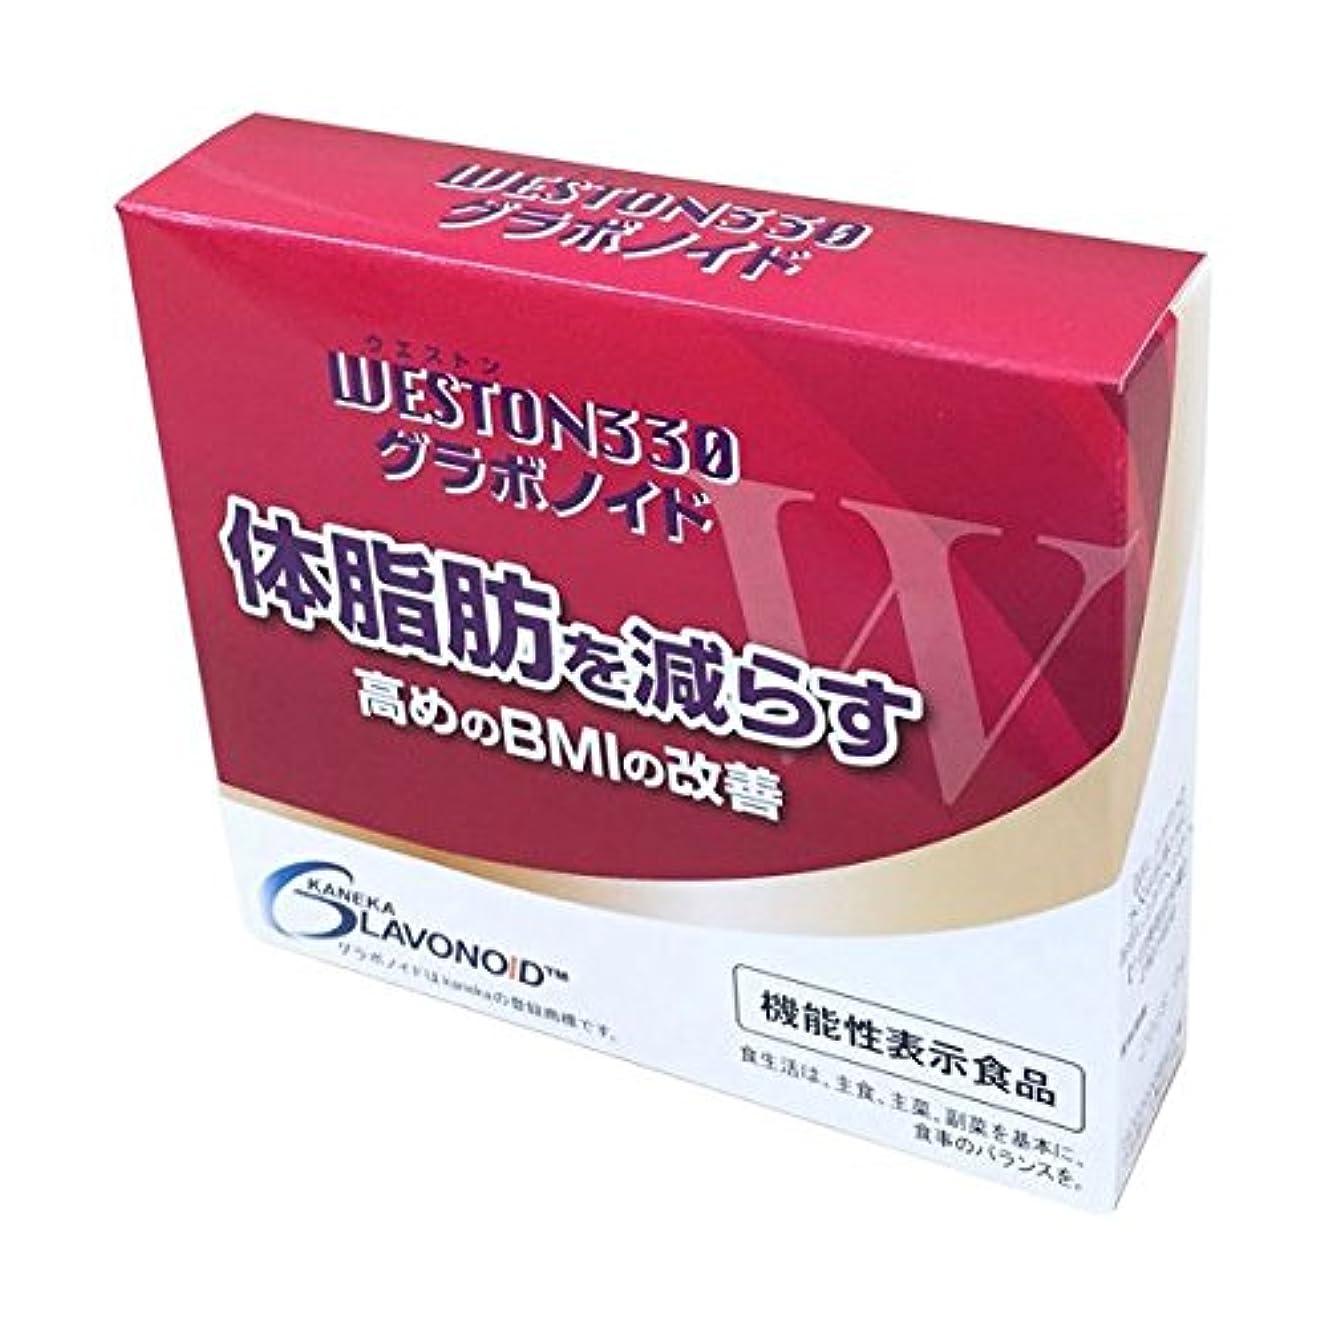 逆さまに裁判所方程式リマックスジャパン WESTON330 60粒 (30日分) x2箱 [機能性表示食品]